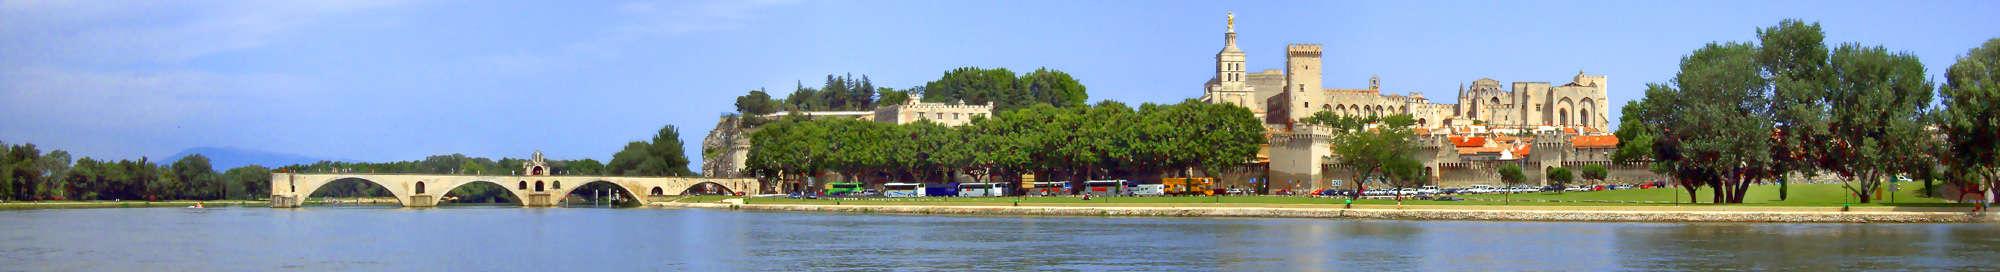 Week-end et séjour à Avignon